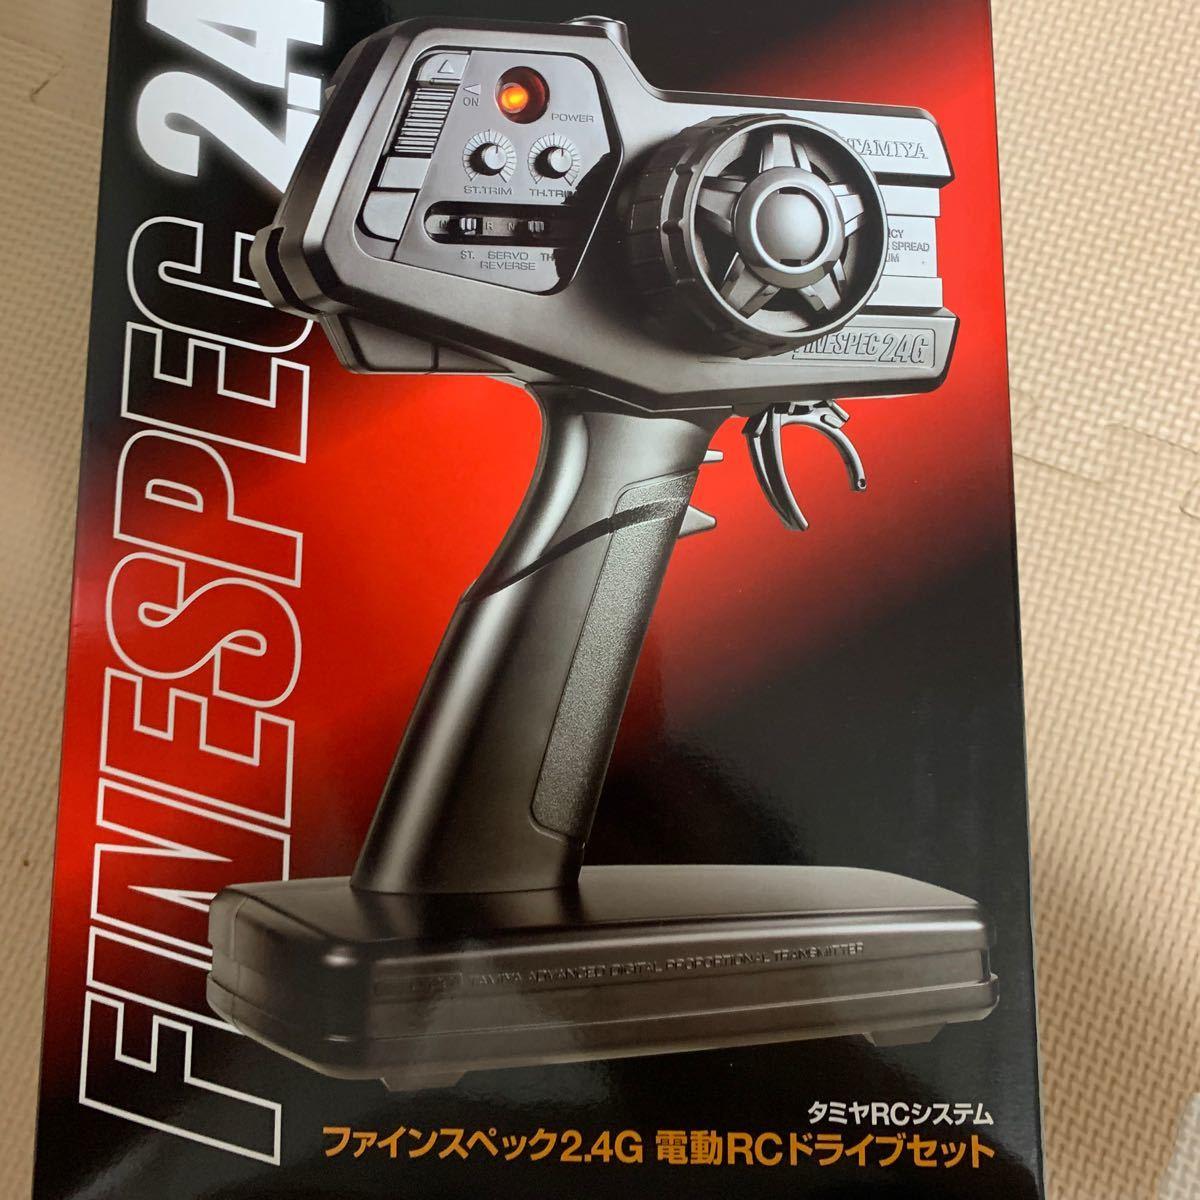 タミヤ(TAMIYA) RCシステムシリーズ No.53 ファインスペック 2.4G 電動RCドライブセット